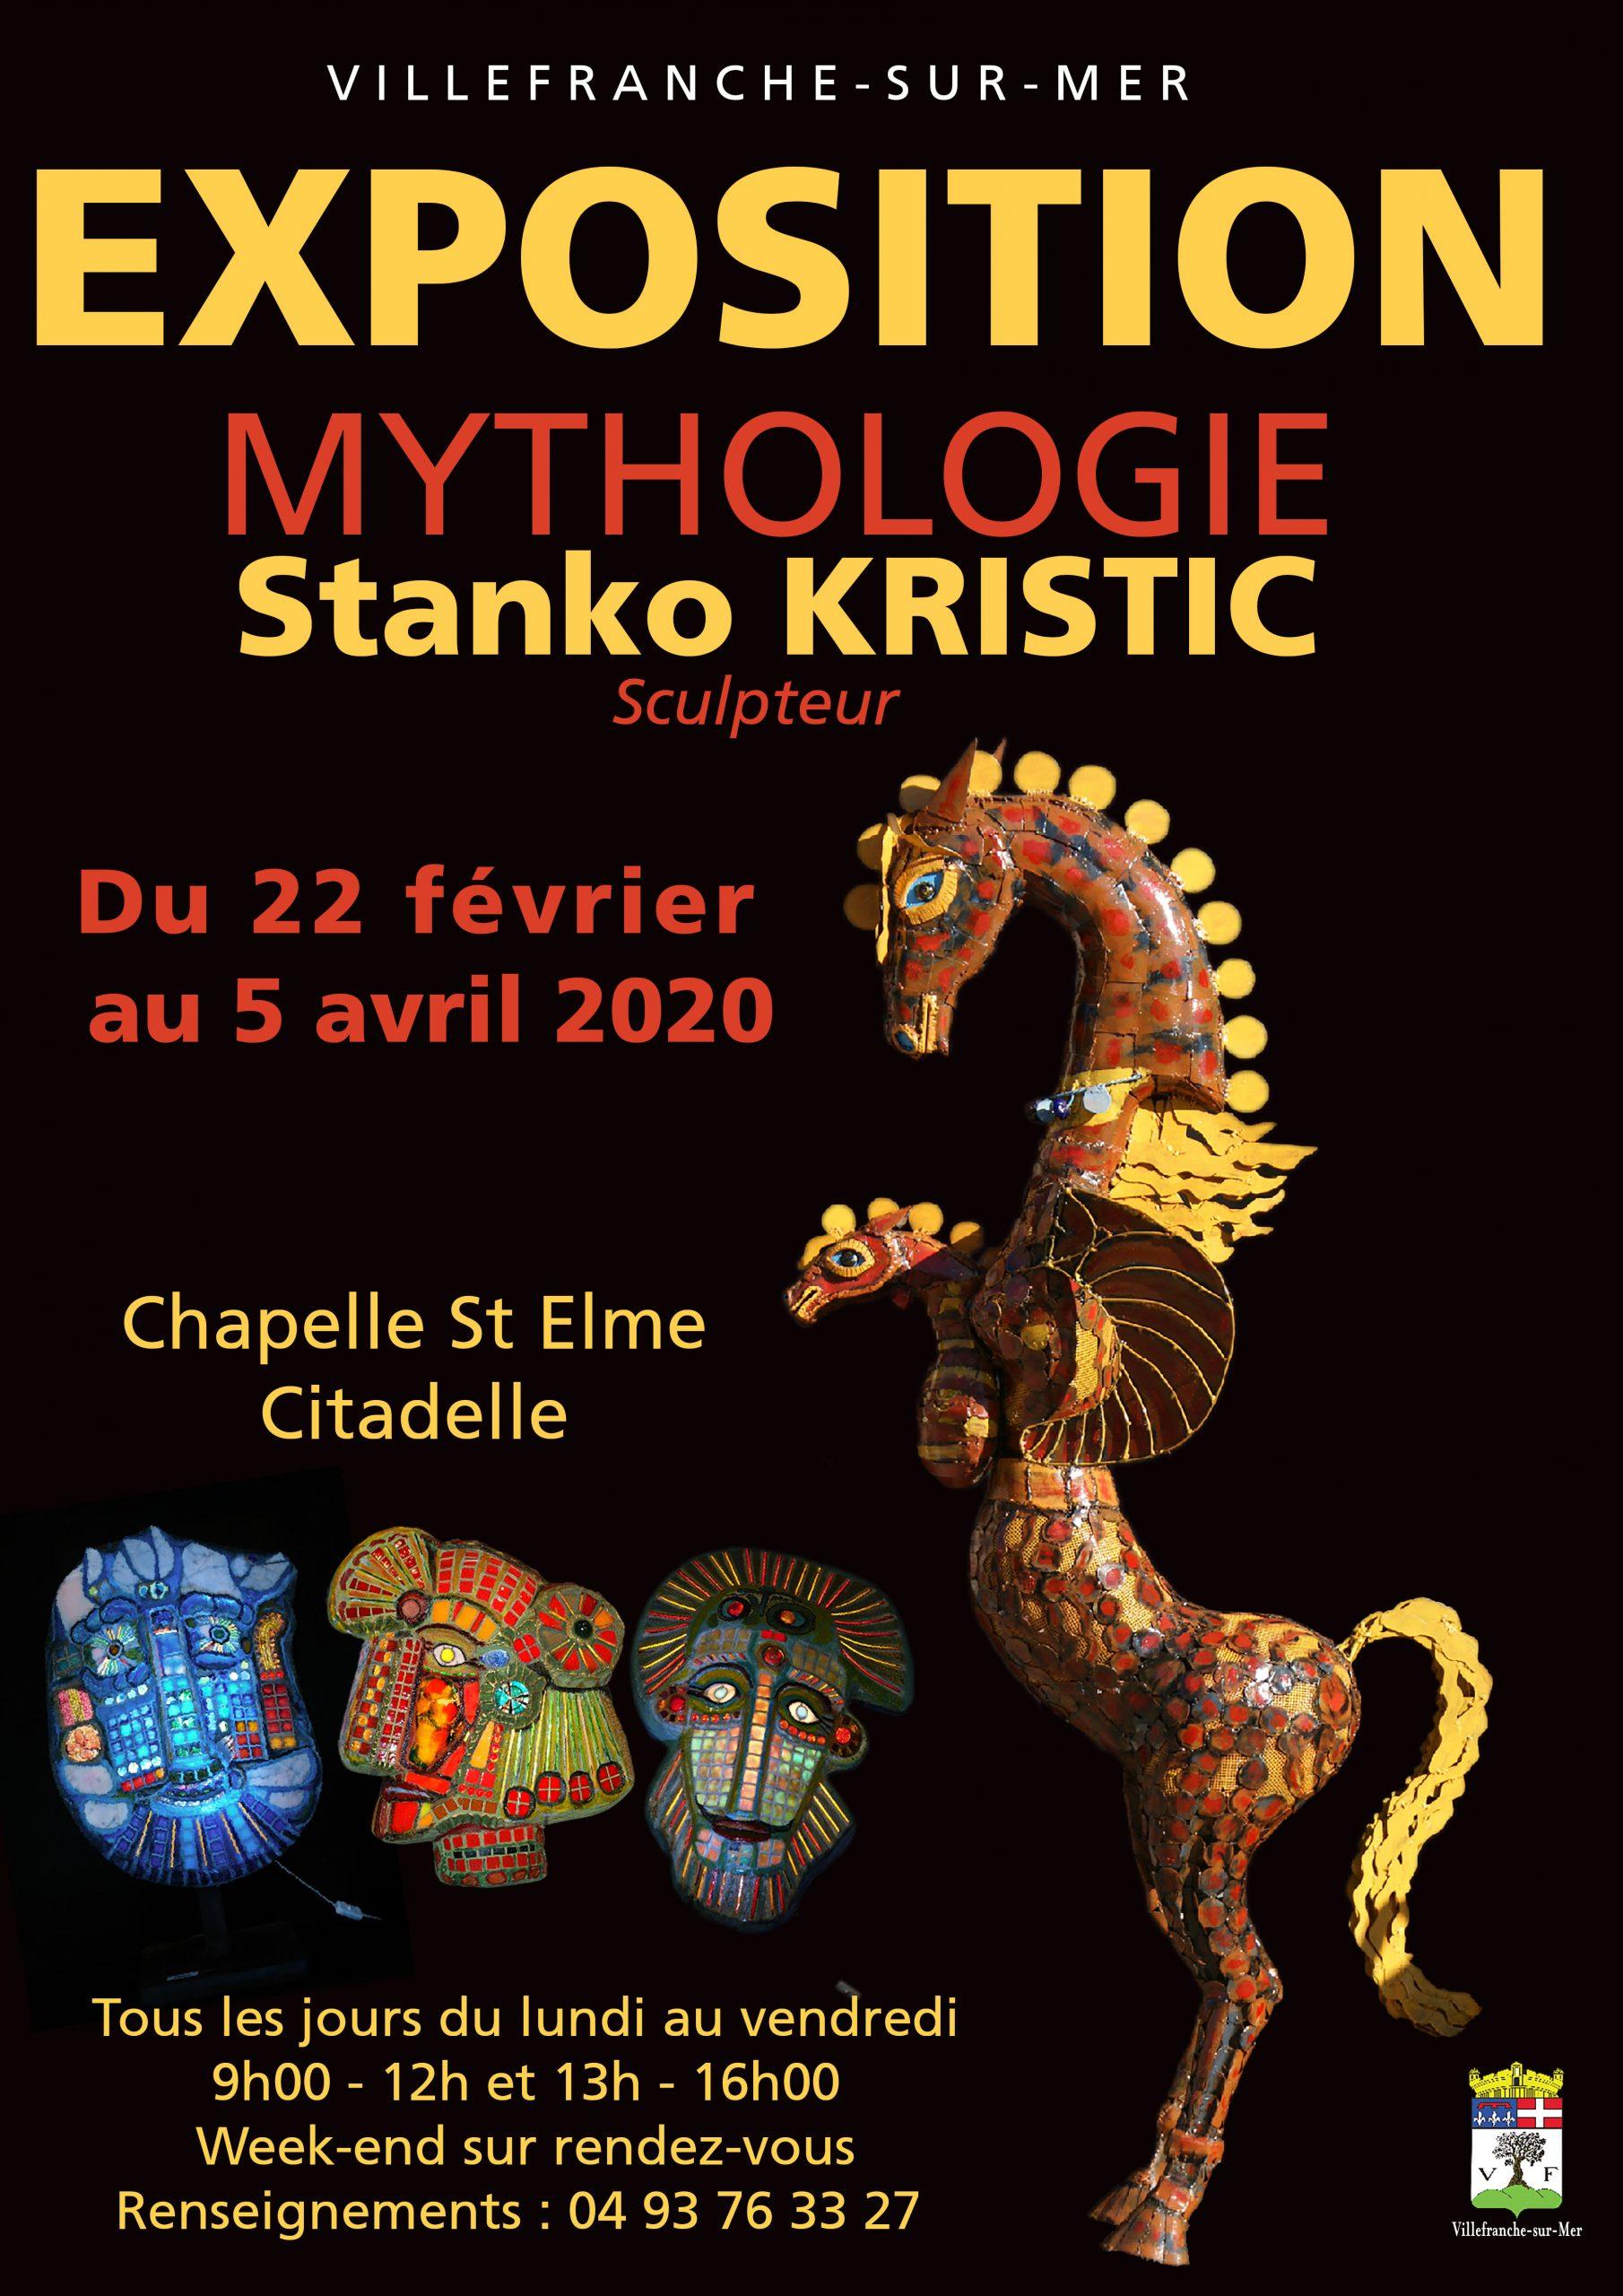 Vernissage et Exposition - Mythologie de Stanko Kristic